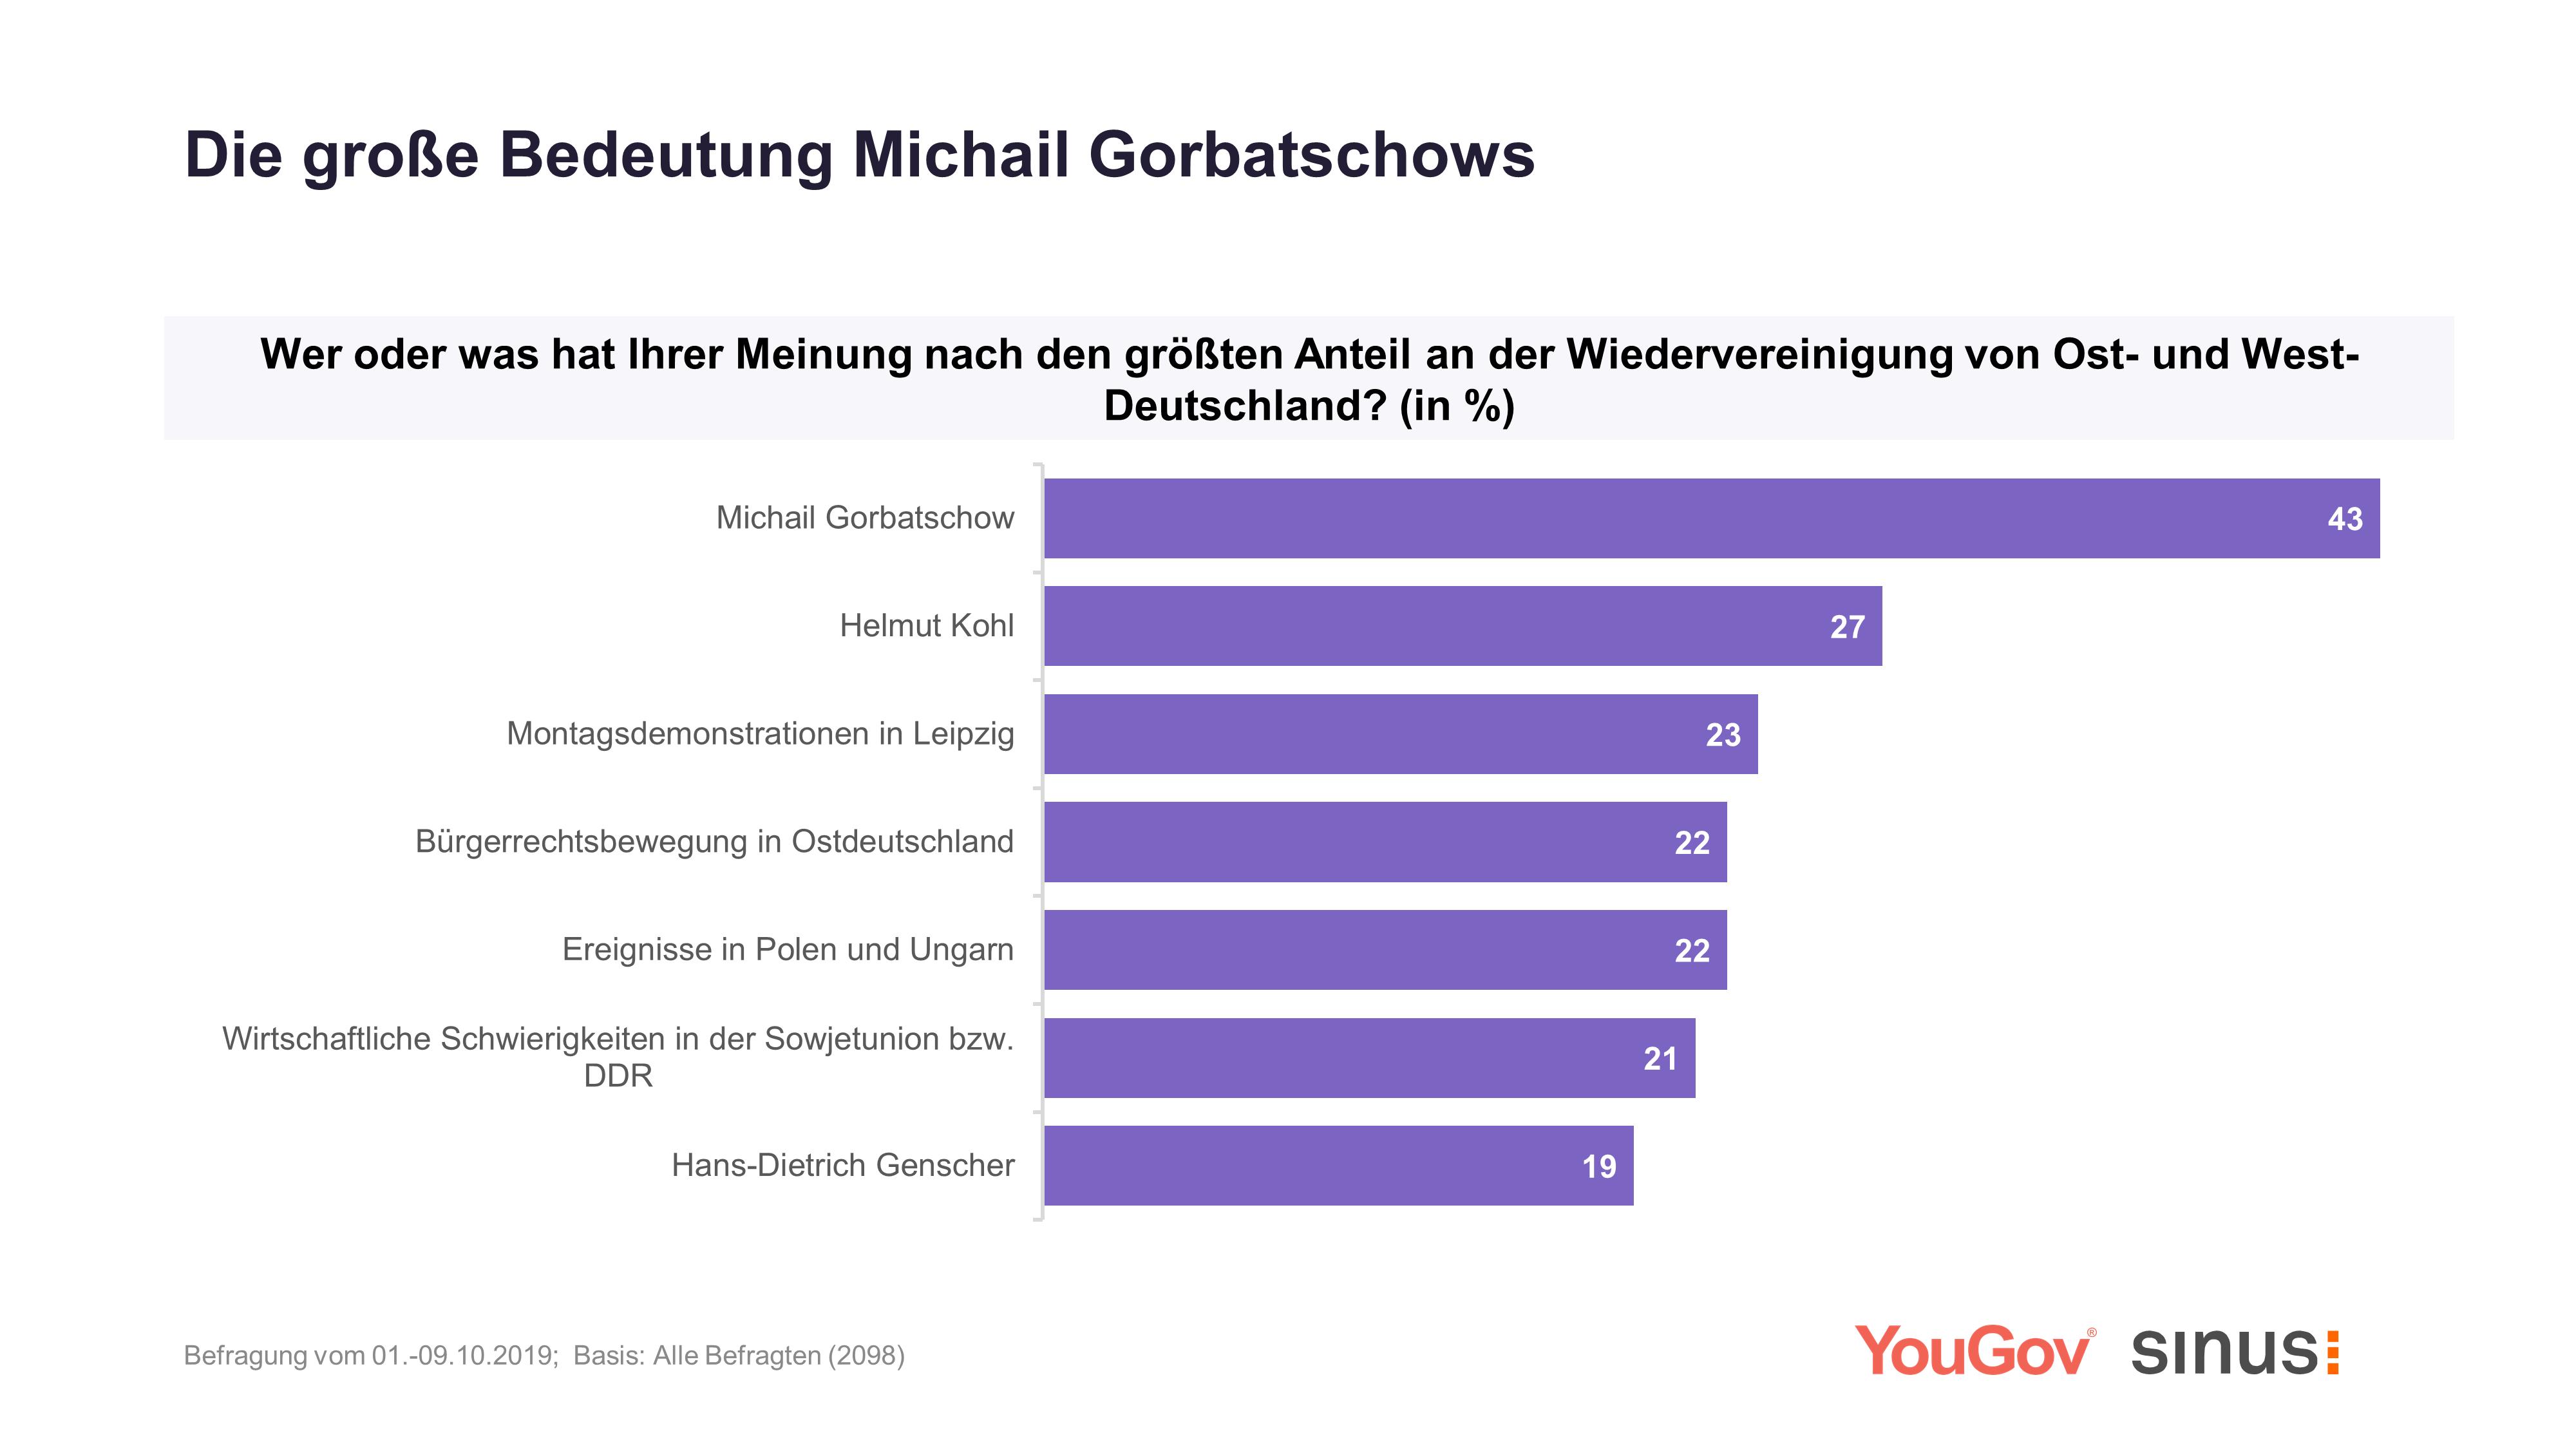 Michail Gorbatschow hatte größten Anteil an Wiedervereinigung